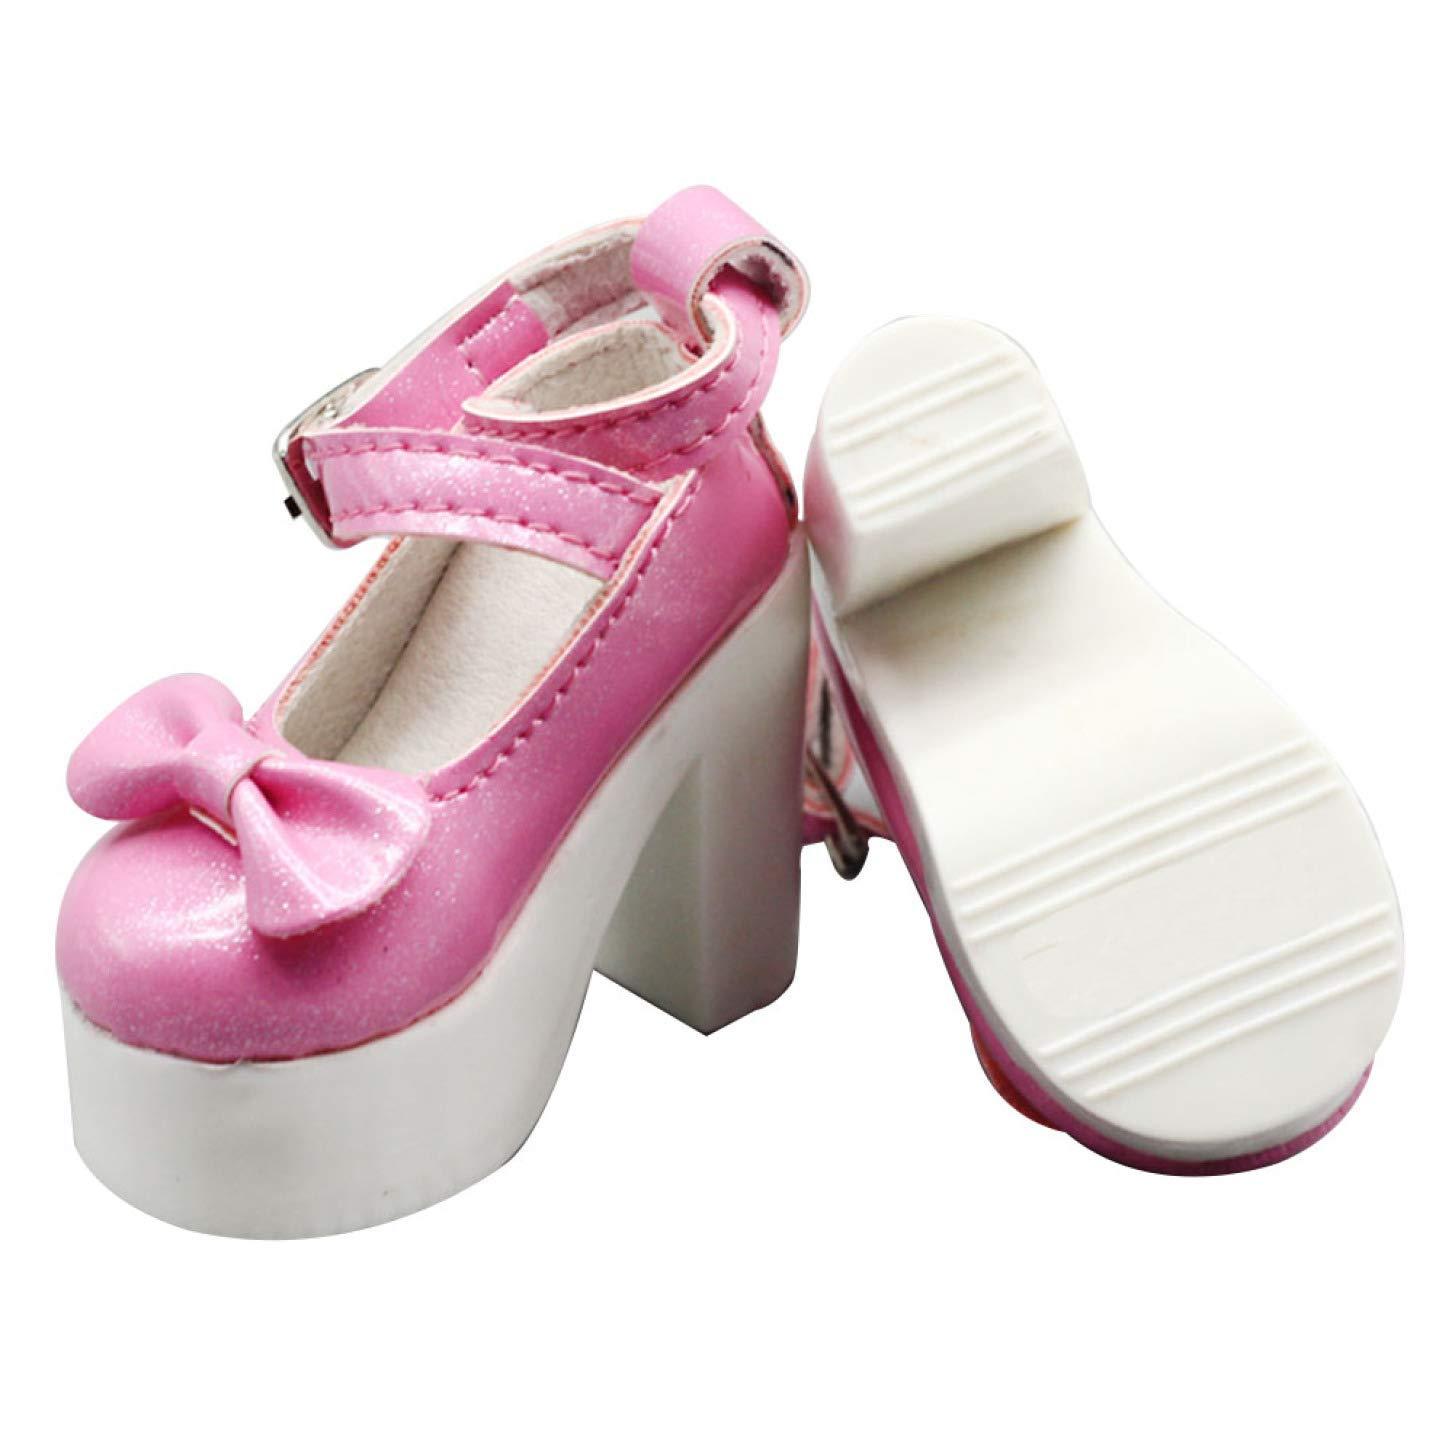 para 16 Inch Mu/ñeca Botas dryujdytru 1pair 7.8cm Colores Surtidos Princesa Alto Tac/ón Zapatos para Bjd Mu/ñecas Rosa 1//3 Mu/ñeca Accesorios